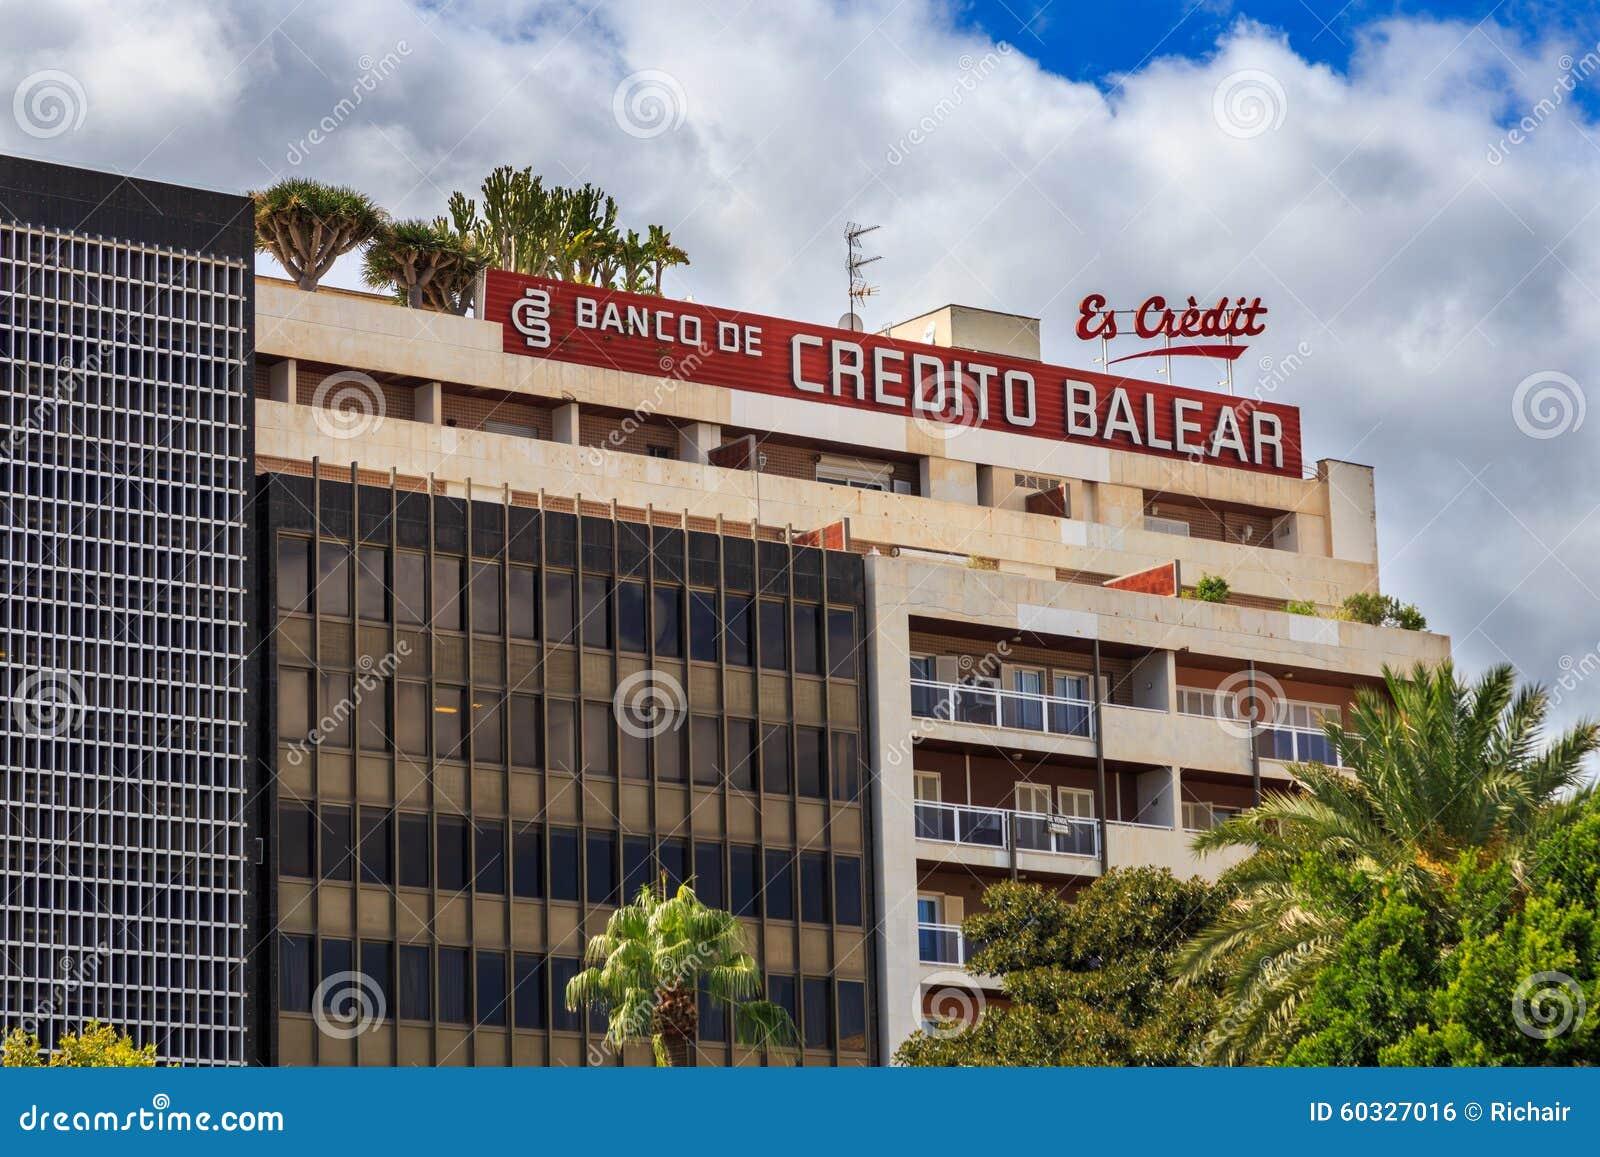 Oficinas banco credito balear palma mallorca dinero hoy for Oficina de consumo palma de mallorca